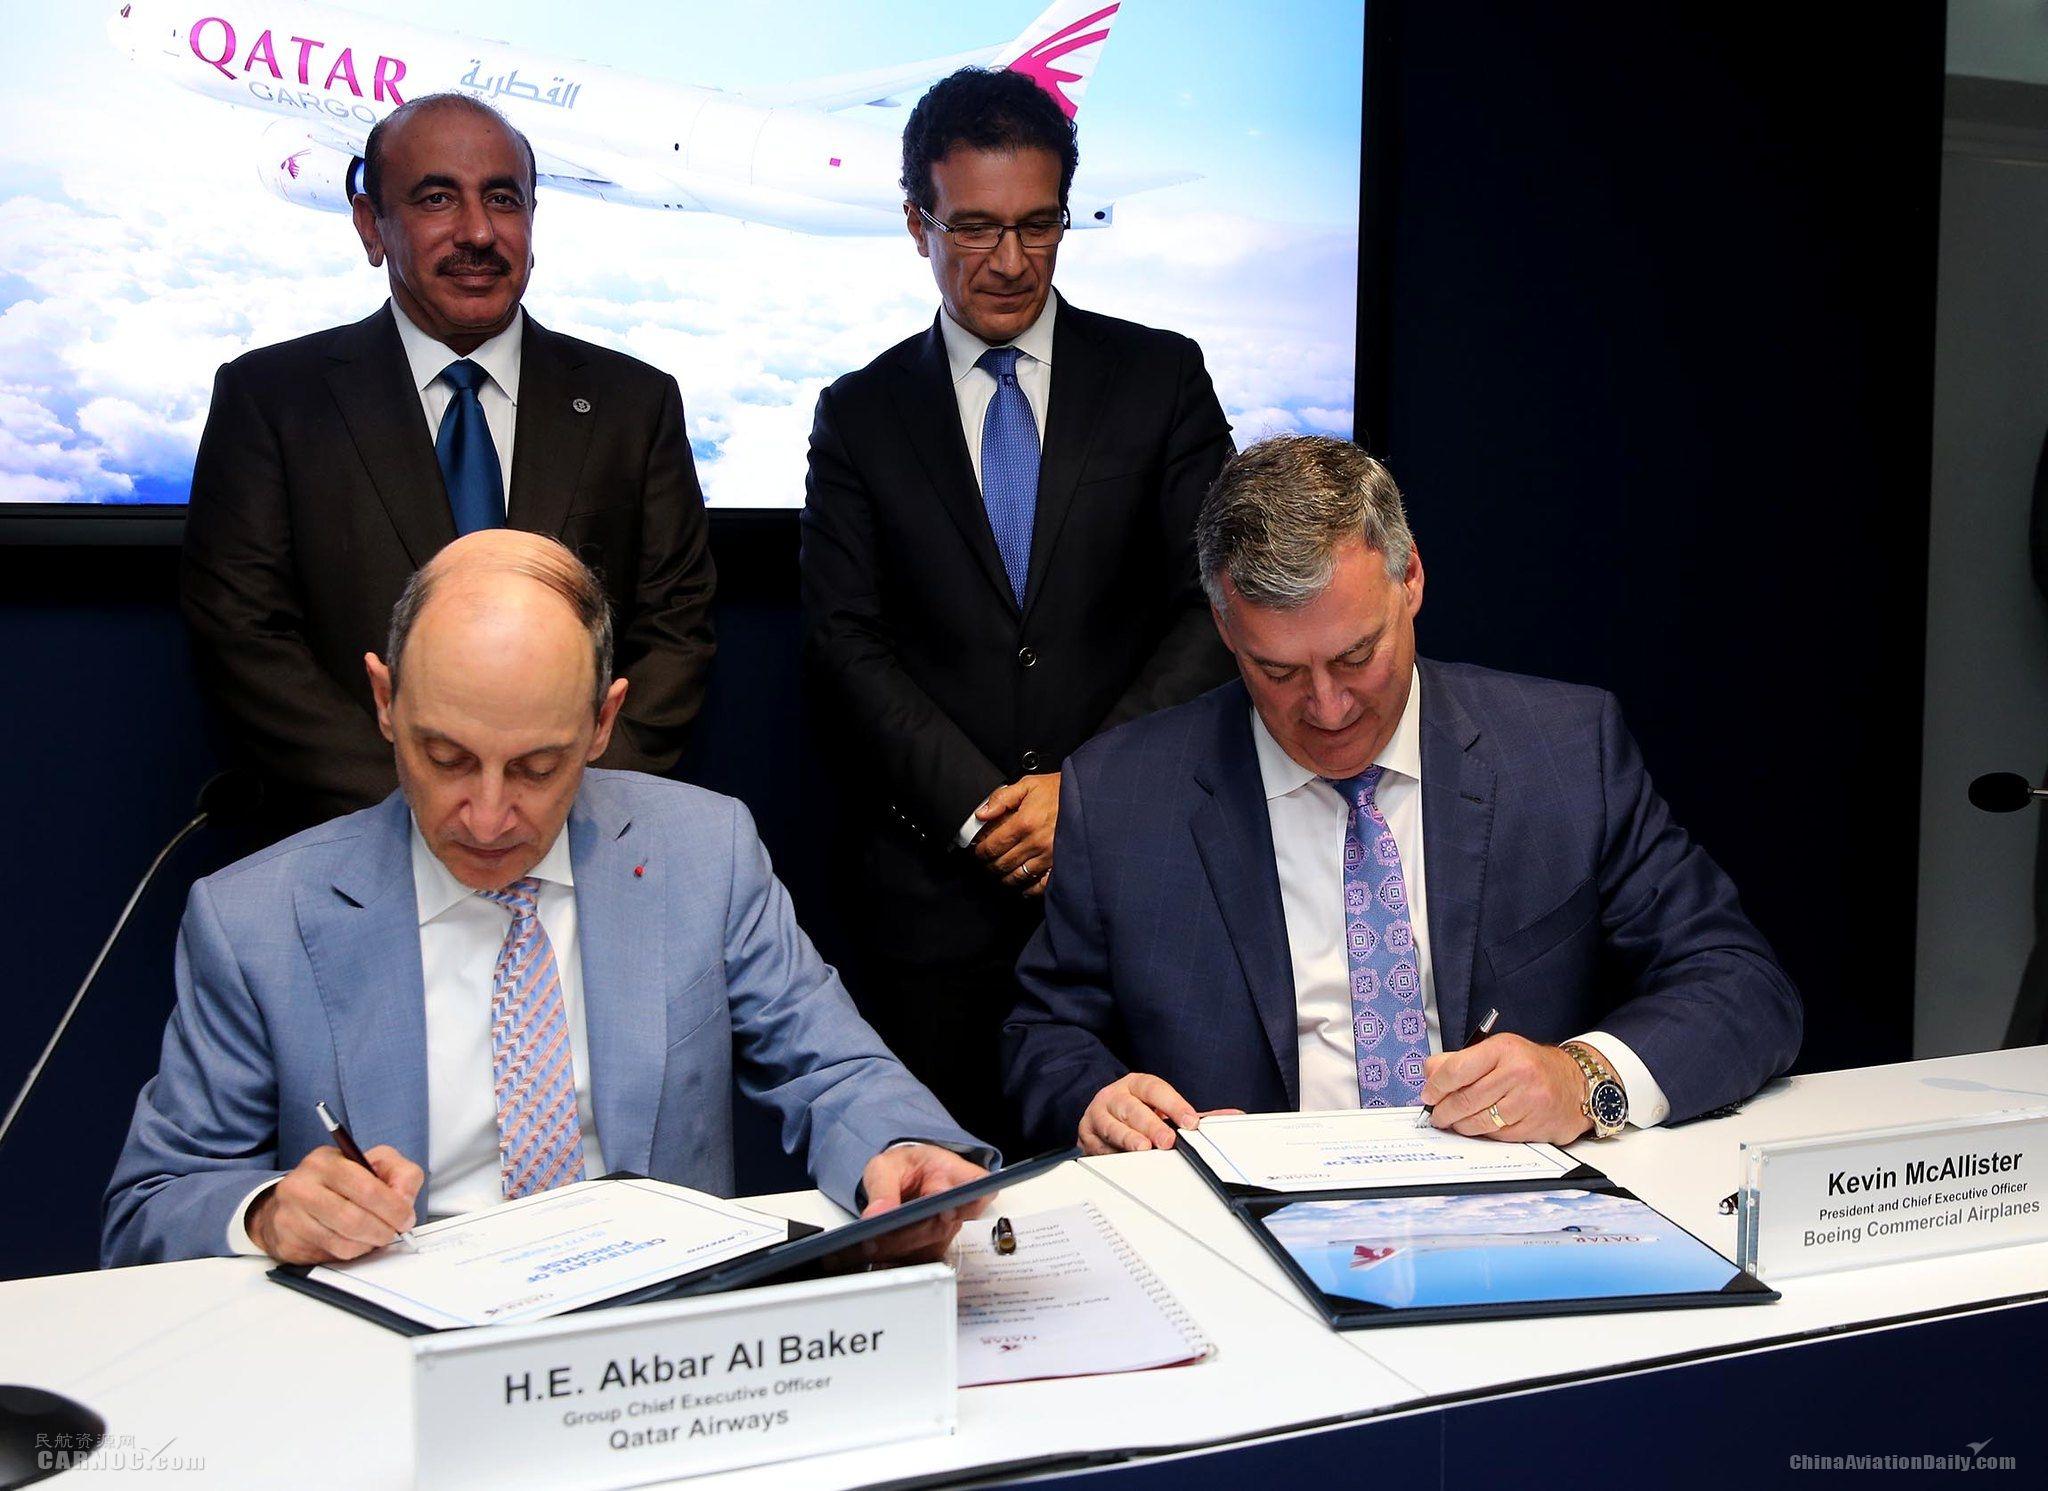 卡塔尔航空货运在巴黎航展宣布订购5架777货机